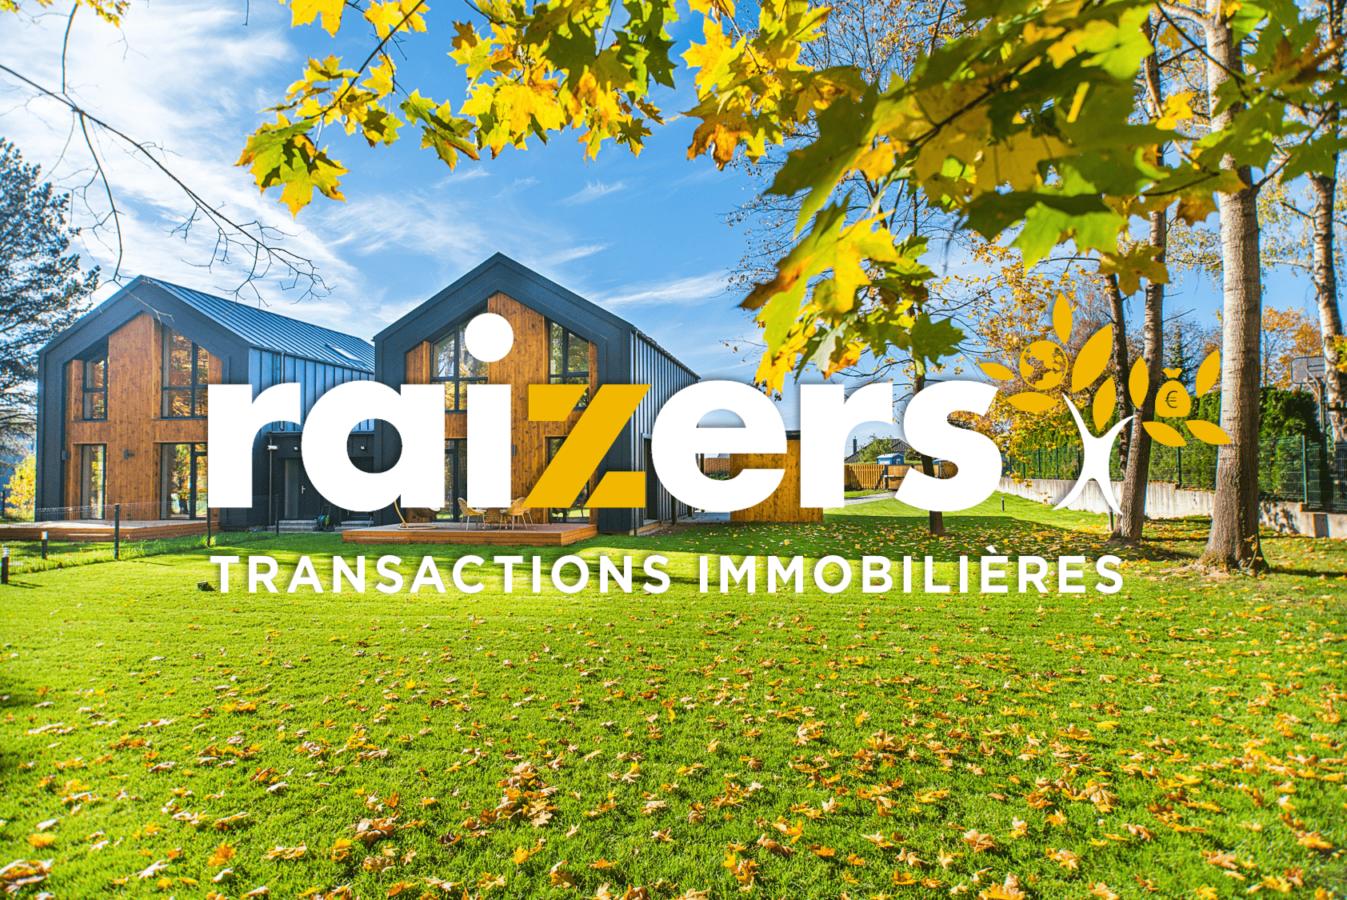 Raizers, plateforme franco-suisse de crowdfunding immobilier, lance son activité de commercialisation de biens immobiliers au travers de sa nouvelle entité Raizers Transactions